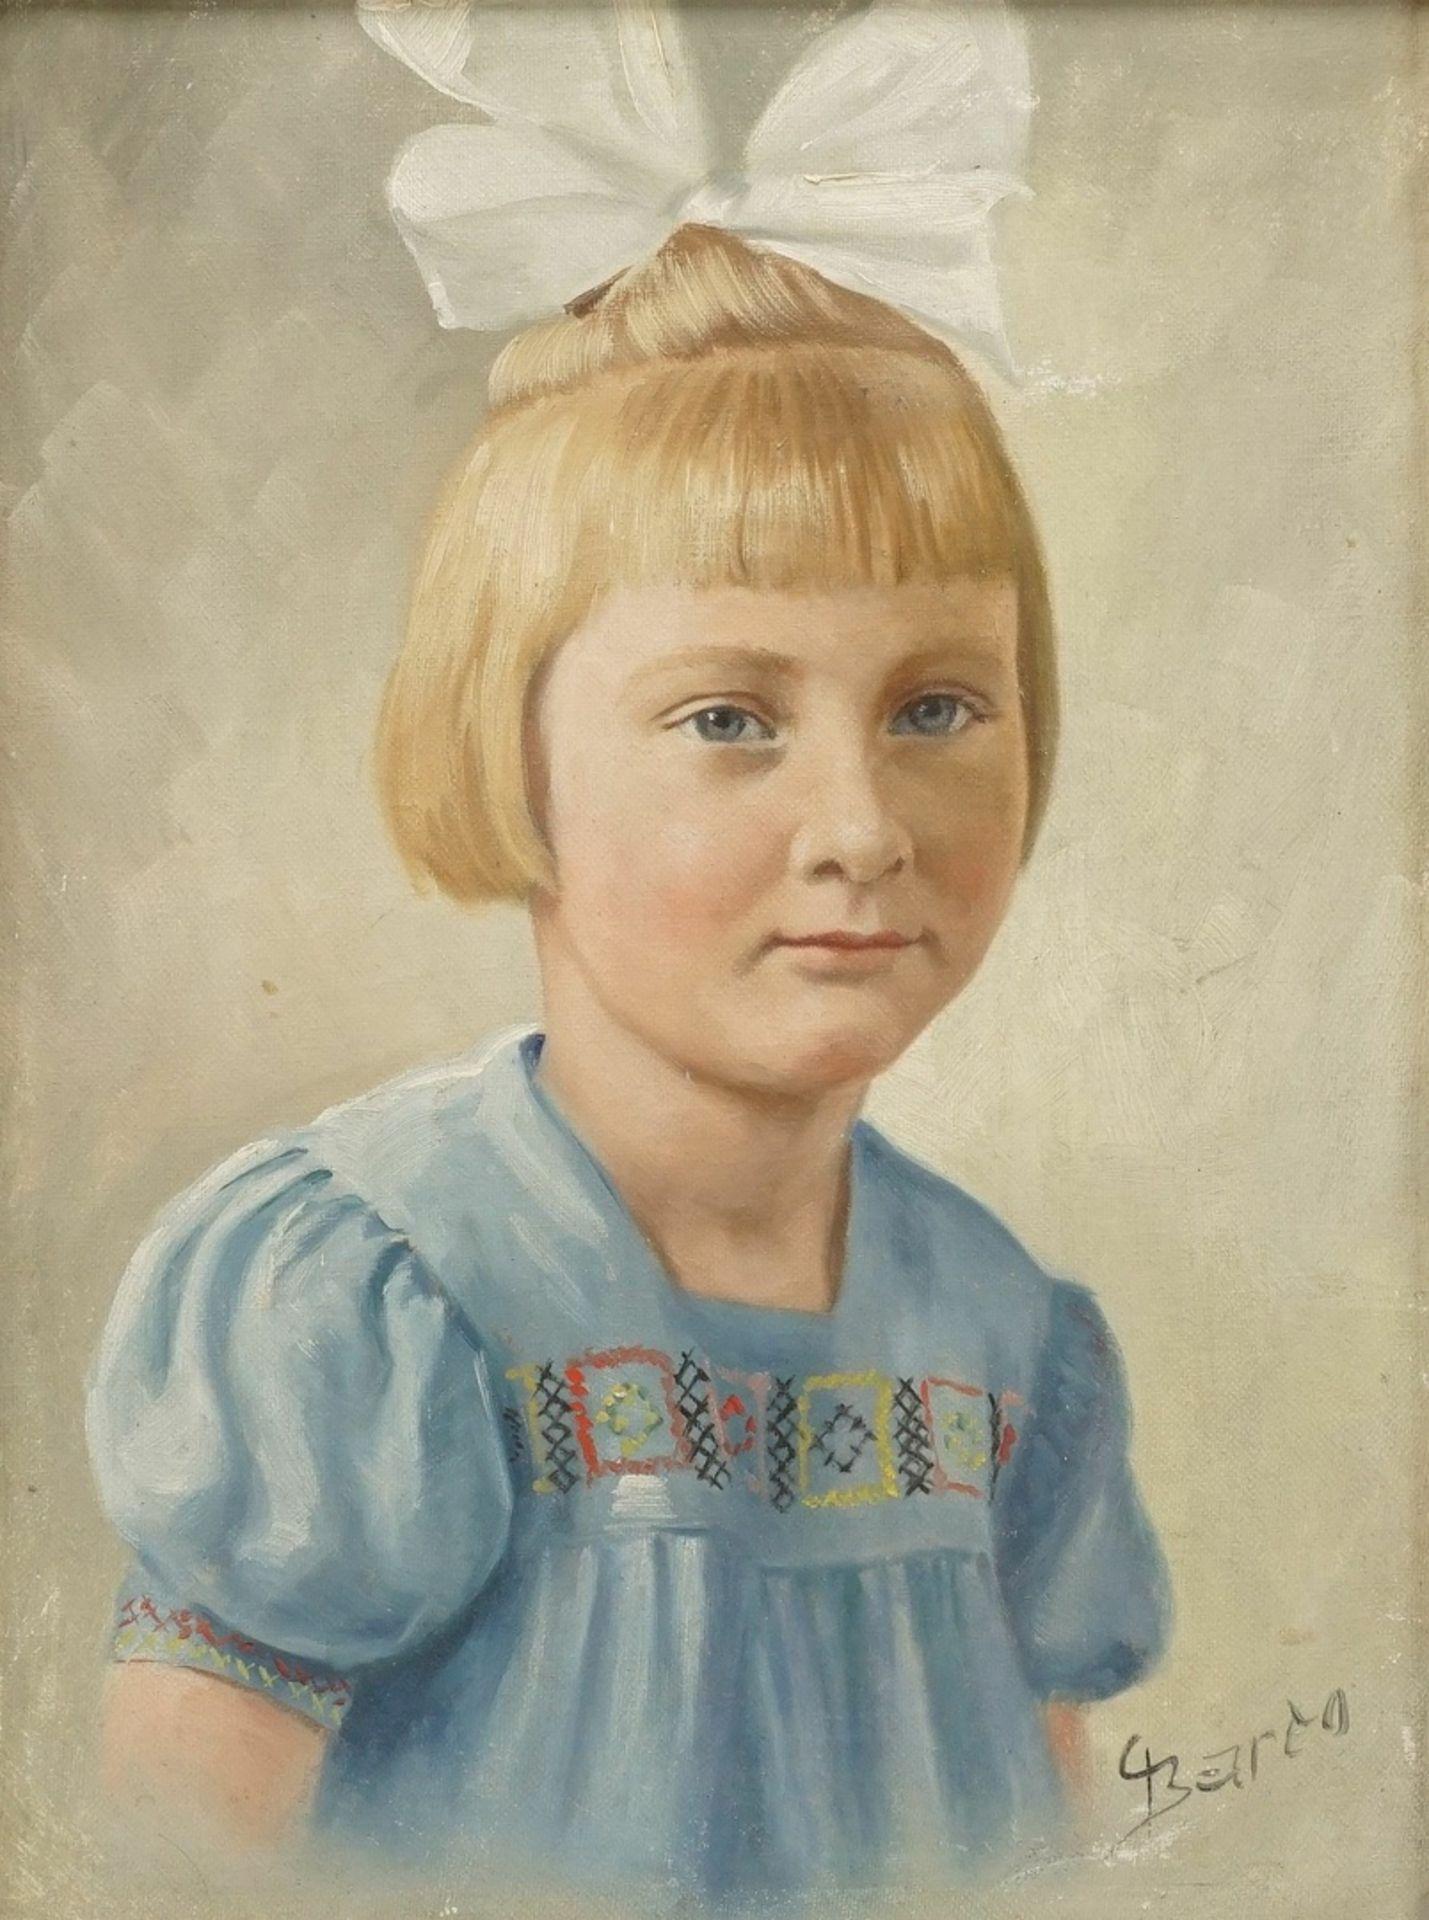 Barto, Kinderbildnis eines Mädchens mit Schleife im Haar - Bild 2 aus 4